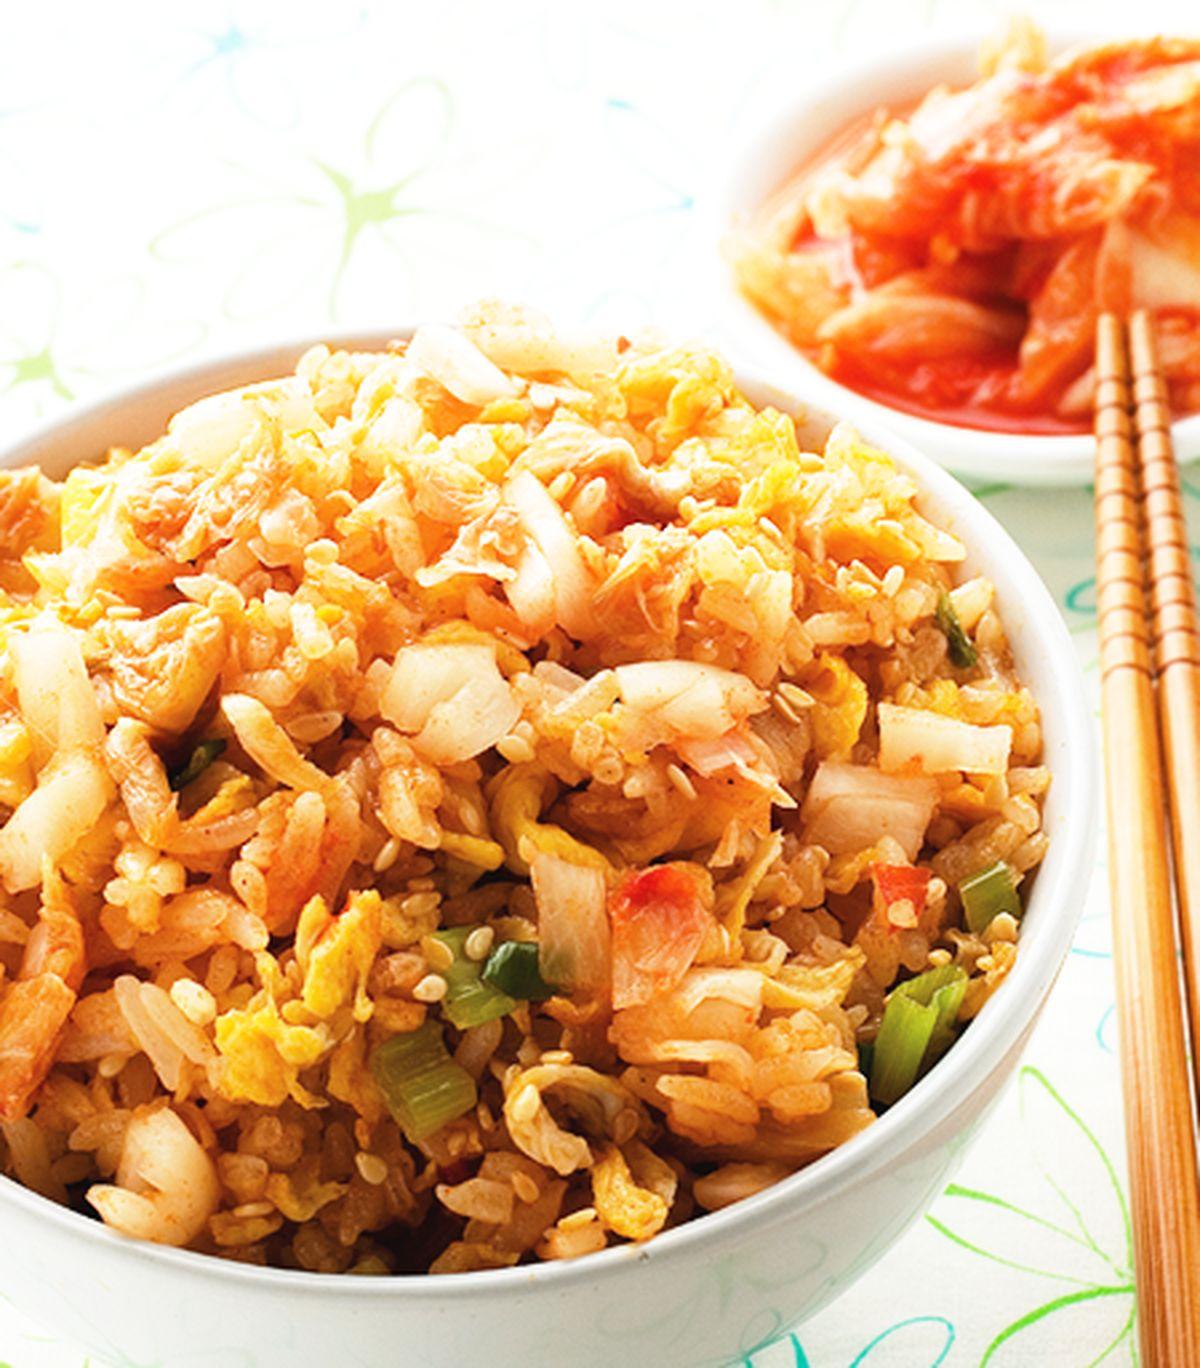 食譜:泡菜炒飯(1)